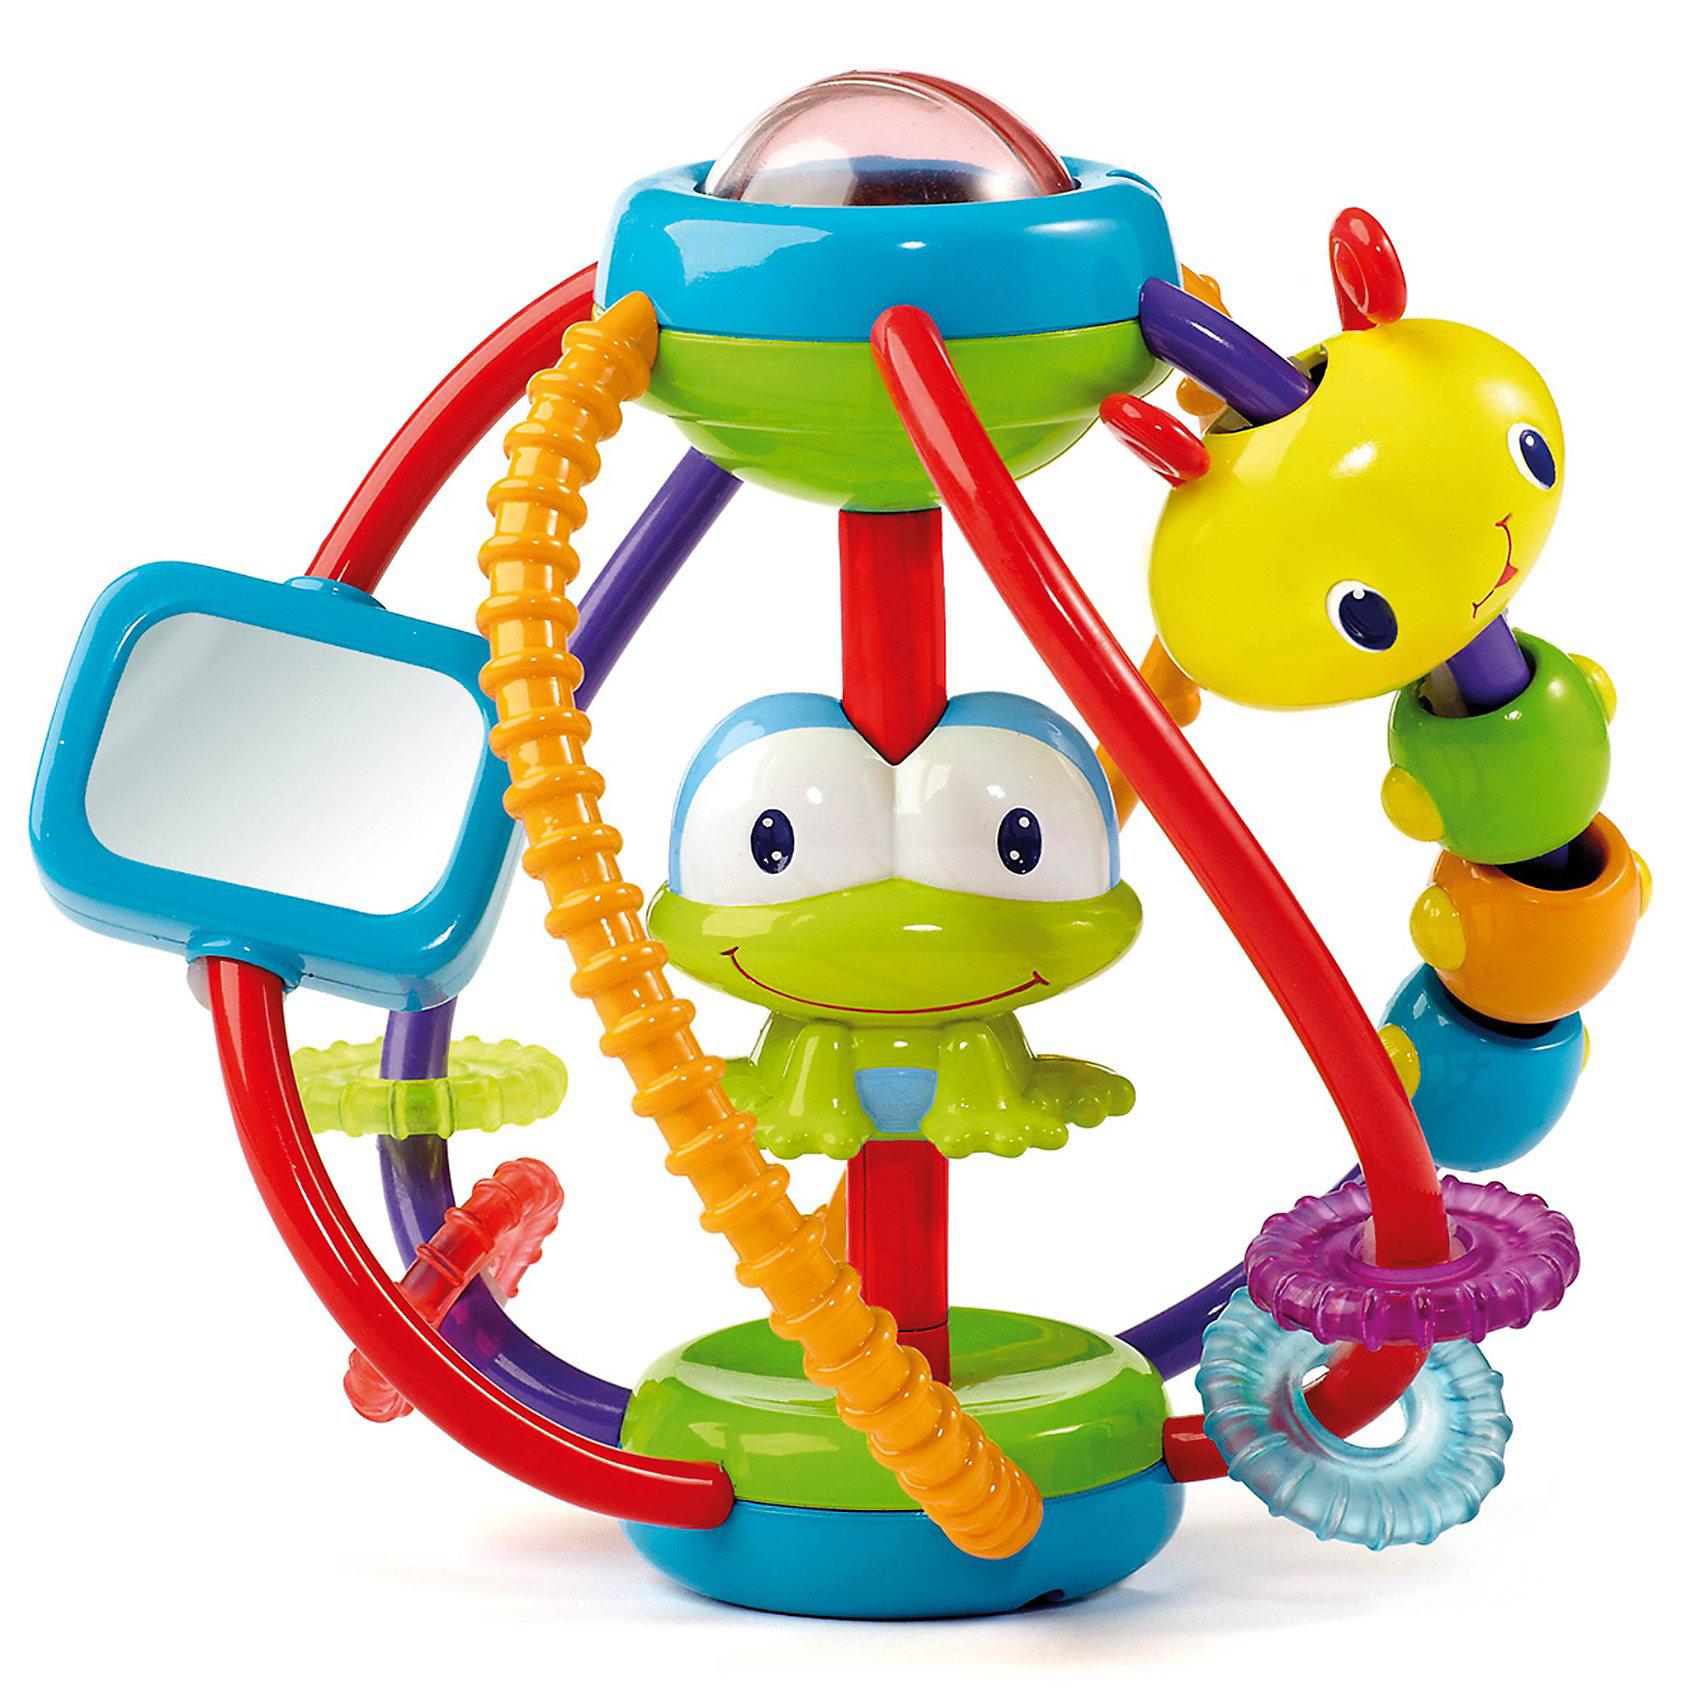 Развивающая игрушка Логический шар Bright StartsРазвивающий логический шар для самых маленьких от Bright Starts (Брайт Стартс). <br><br>Благодаря необычному и функциональному дизайну этот логический шар помогает малышам развить воображение, внимание, мелкую моторику рук и координацию движений.   <br><br>Всего 6 ручек для хватания, на которых расположены интересные развлечения:<br>- на одной из ручек есть вращающаяся гусеница, которая состоит из четырех подвижных шариков<br>- лягушка-погремушка<br>- на двух ручках есть по два рельефных колесика<br>- крутящееся зеркало<br>- сверху кнопка-пищалка, снизу шар-погремушка<br><br>Малыш будет увлечен игрой с необычной игрушкой Логический шар!<br><br>Дополнительная информация:<br><br>- удобная ручка для хватания<br>- Размер шара: 14х14х16см<br>- Размер упаковки: 17х17х20 см<br>- Материал: высококачественный пластик, текстиль<br><br>Развивающая игрушка Логический шар Bright Starts (Брайт Стартс) можно купить в нашем интернет-магазине.<br><br>Ширина мм: 170<br>Глубина мм: 200<br>Высота мм: 170<br>Вес г: 408<br>Возраст от месяцев: 6<br>Возраст до месяцев: 24<br>Пол: Унисекс<br>Возраст: Детский<br>SKU: 2403304